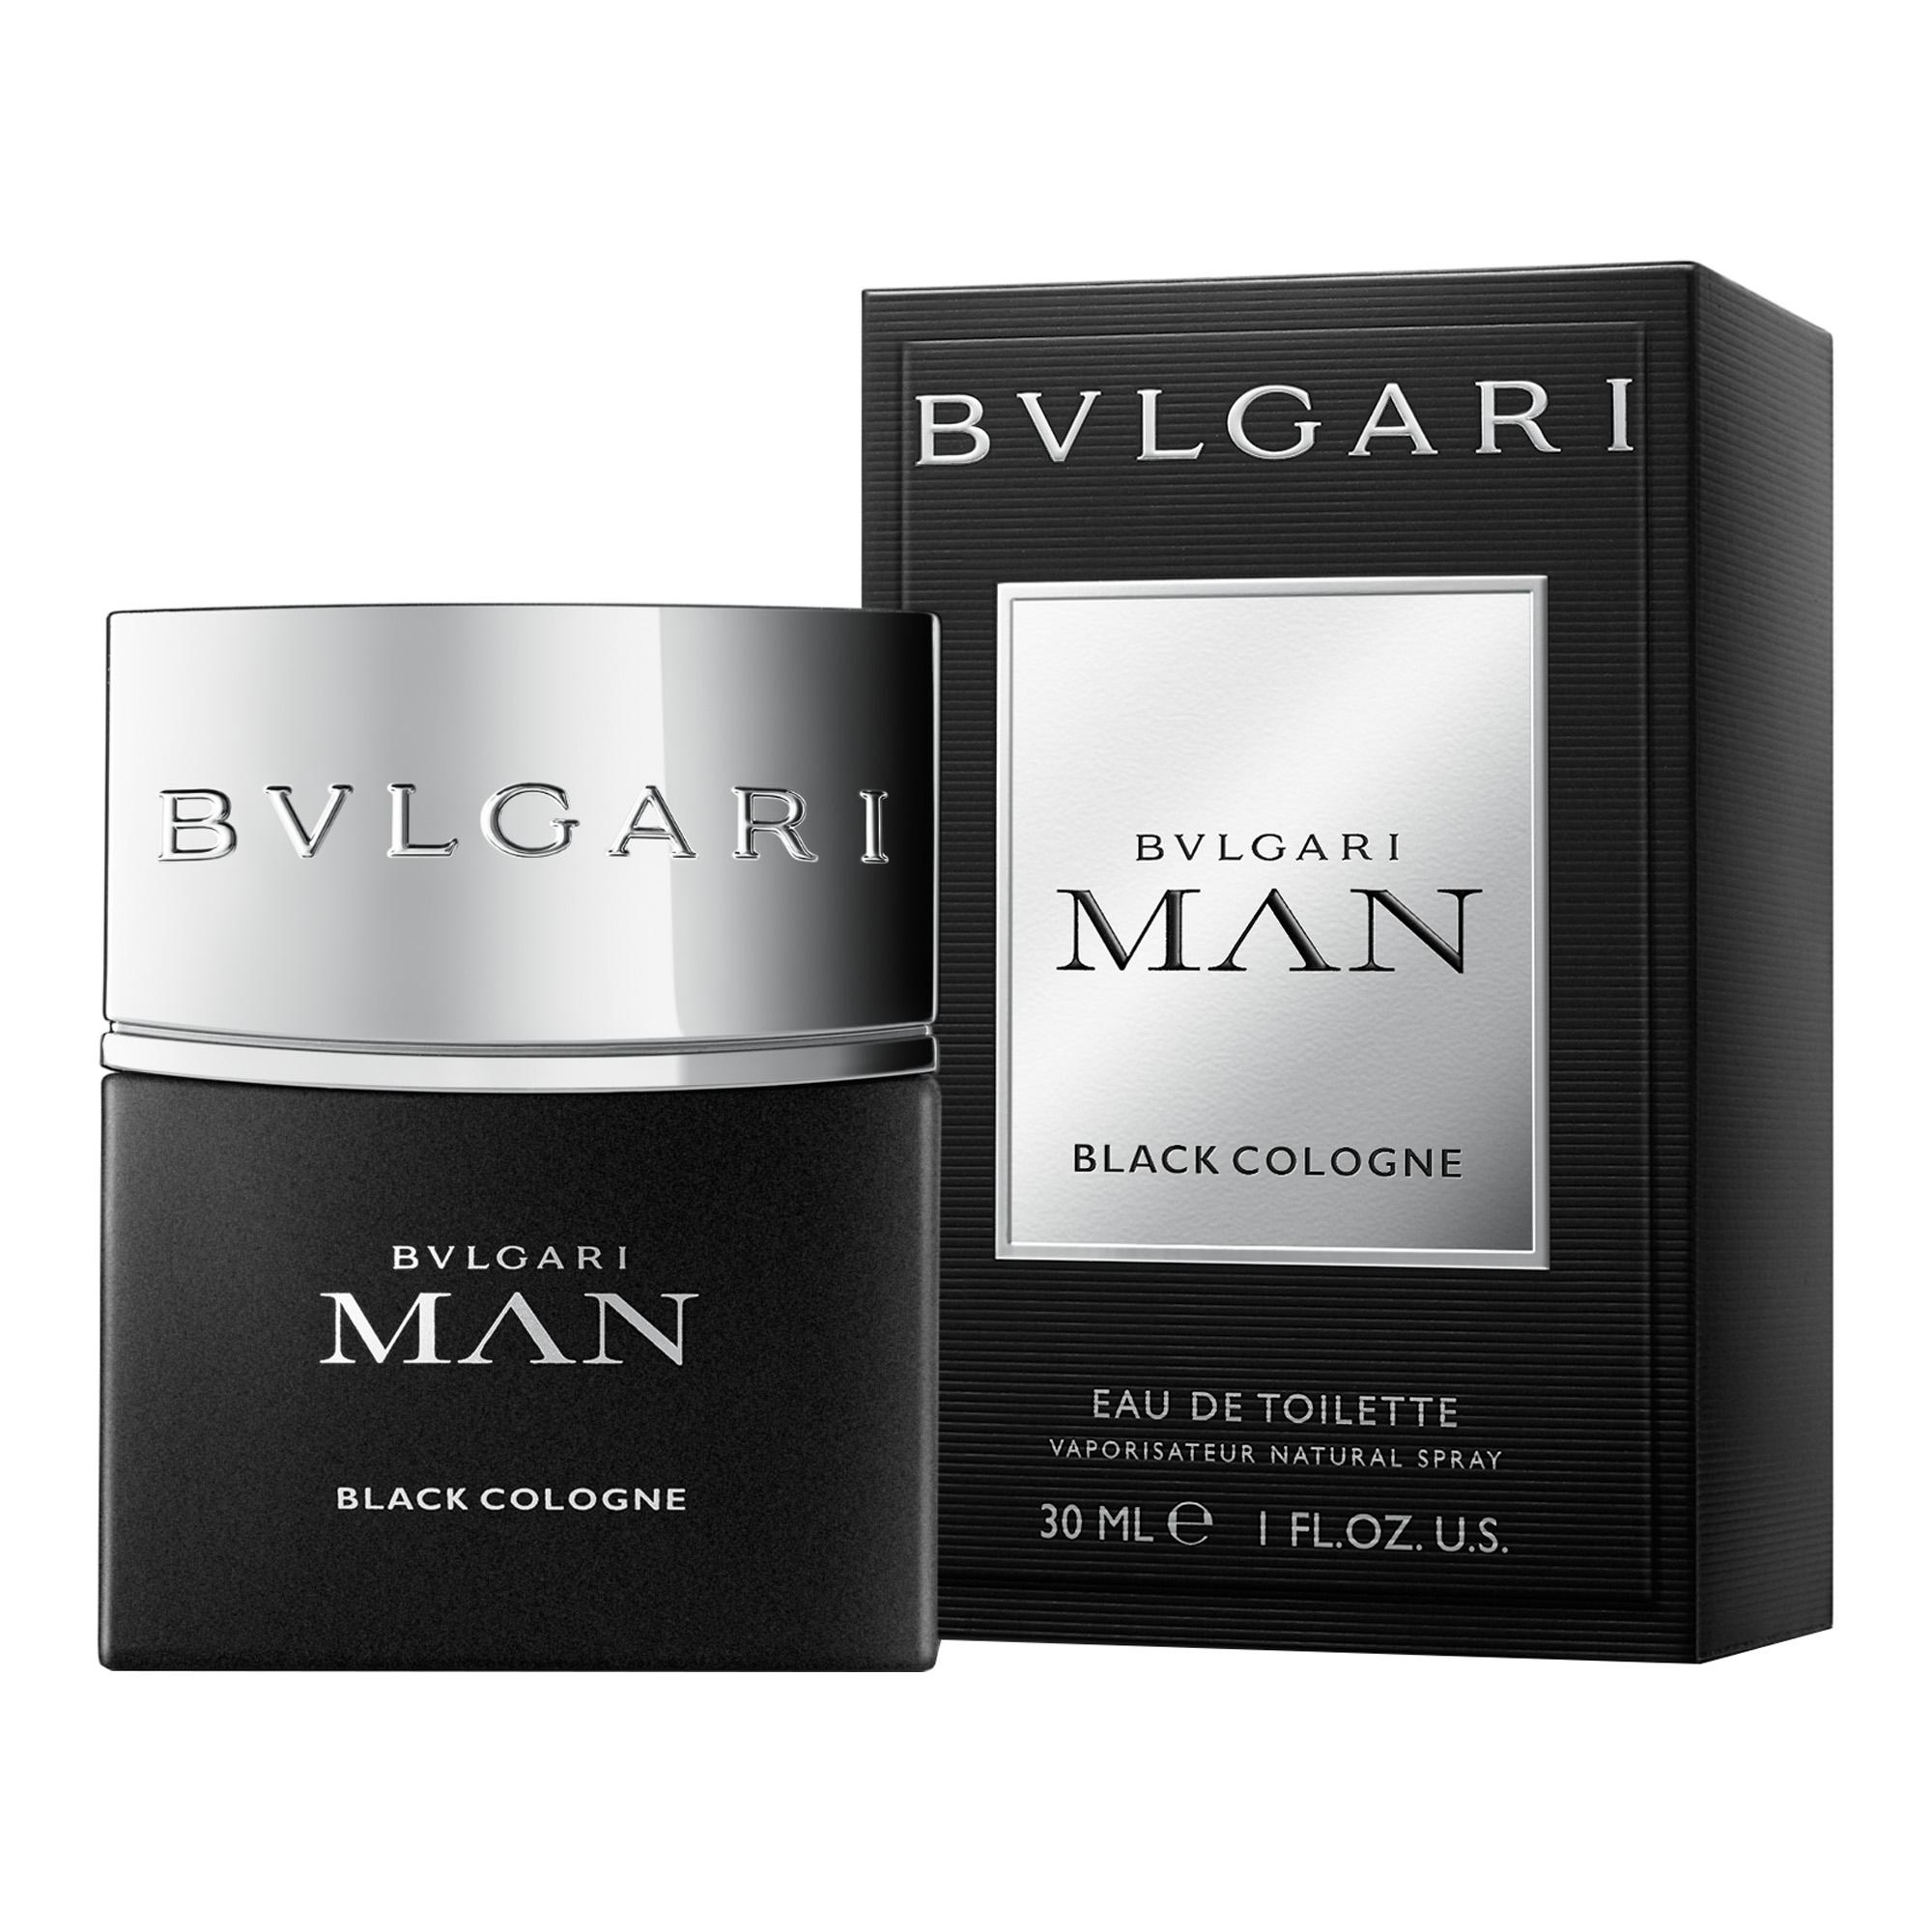 Bvlgari Man Black Cologne, 30ml, Toaletní voda